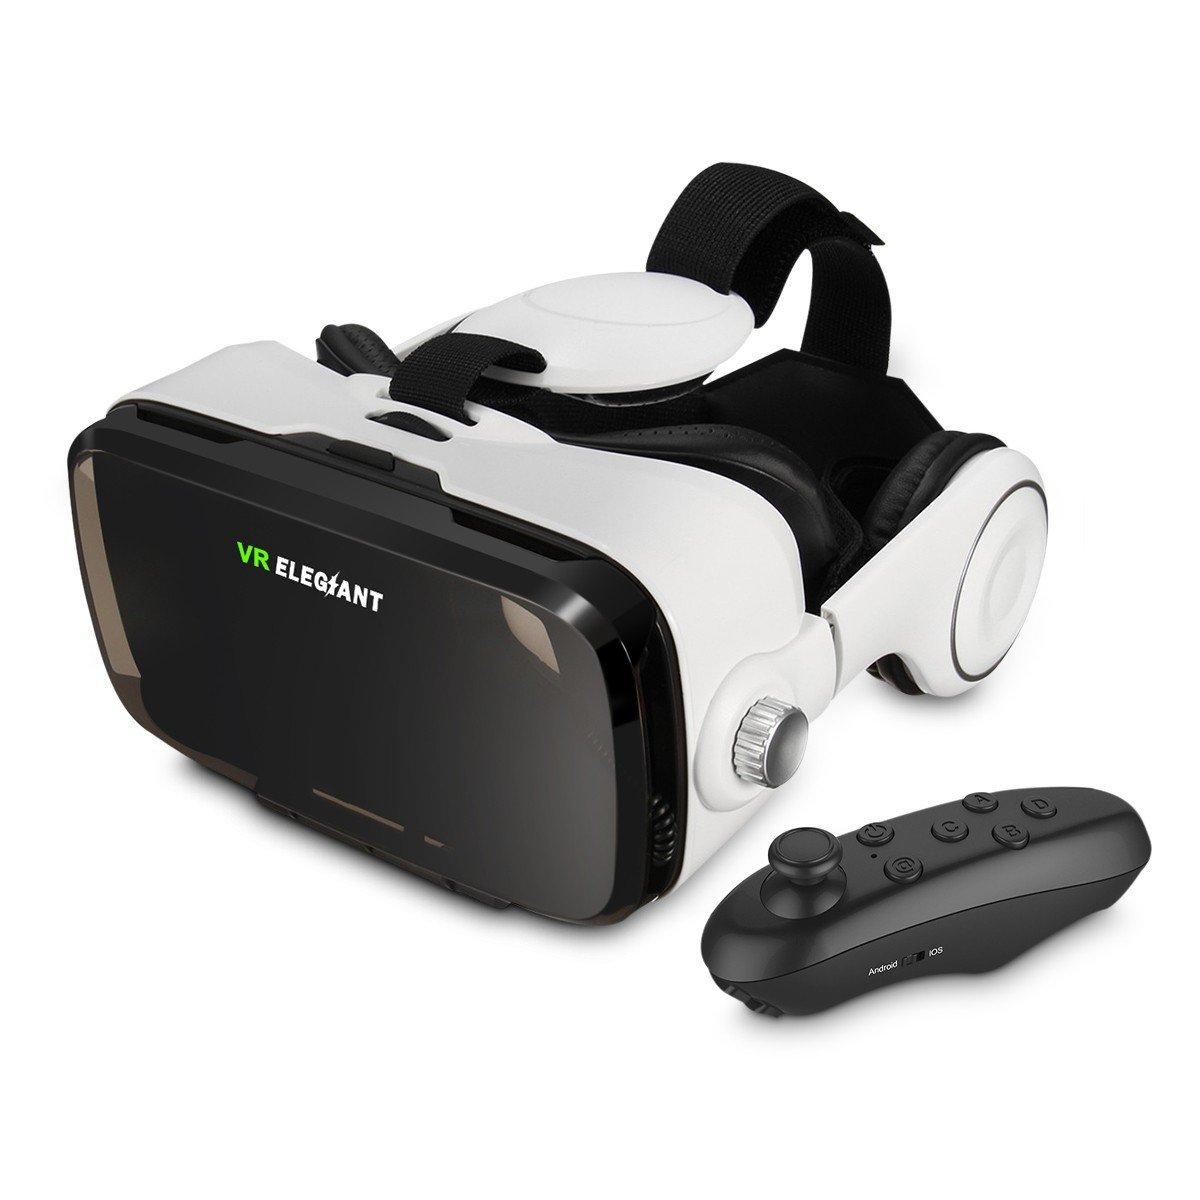 ELEGIANT VR BOX 仮想現実メガネVRコントローラ ブルートゥース携帯リモコン ゲームコントローラー AndroidとiOSのスマートフォンをサポート(4-6インチ) (Bluetoothコントローラ リモコン付き)